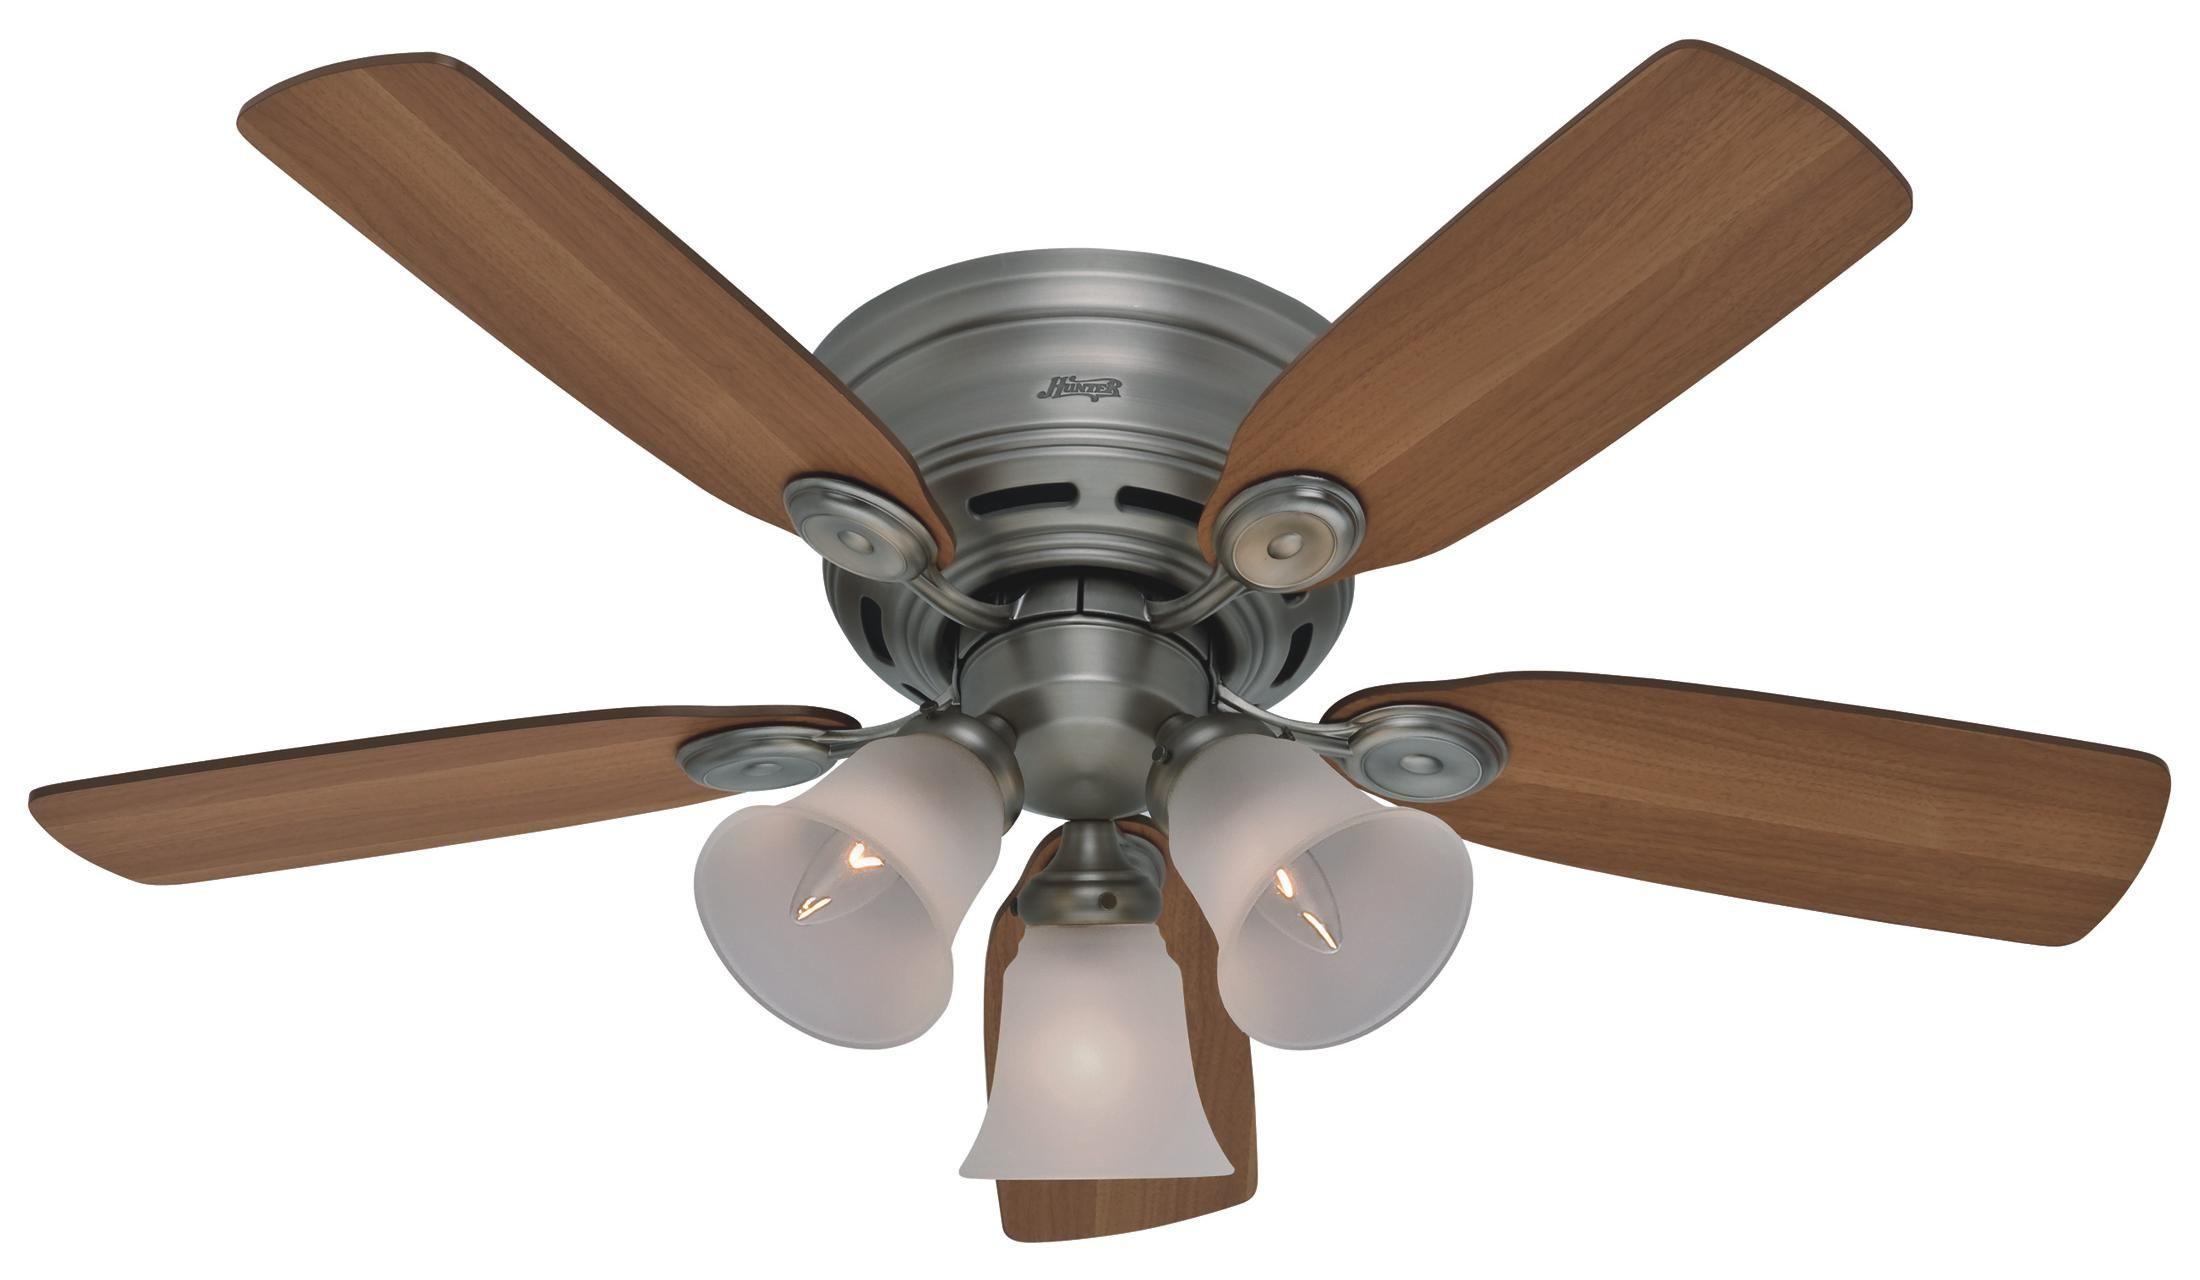 Hunter 42 Ceiling Fan Model Wind Speed 1 58 MPH 139 38 LFM